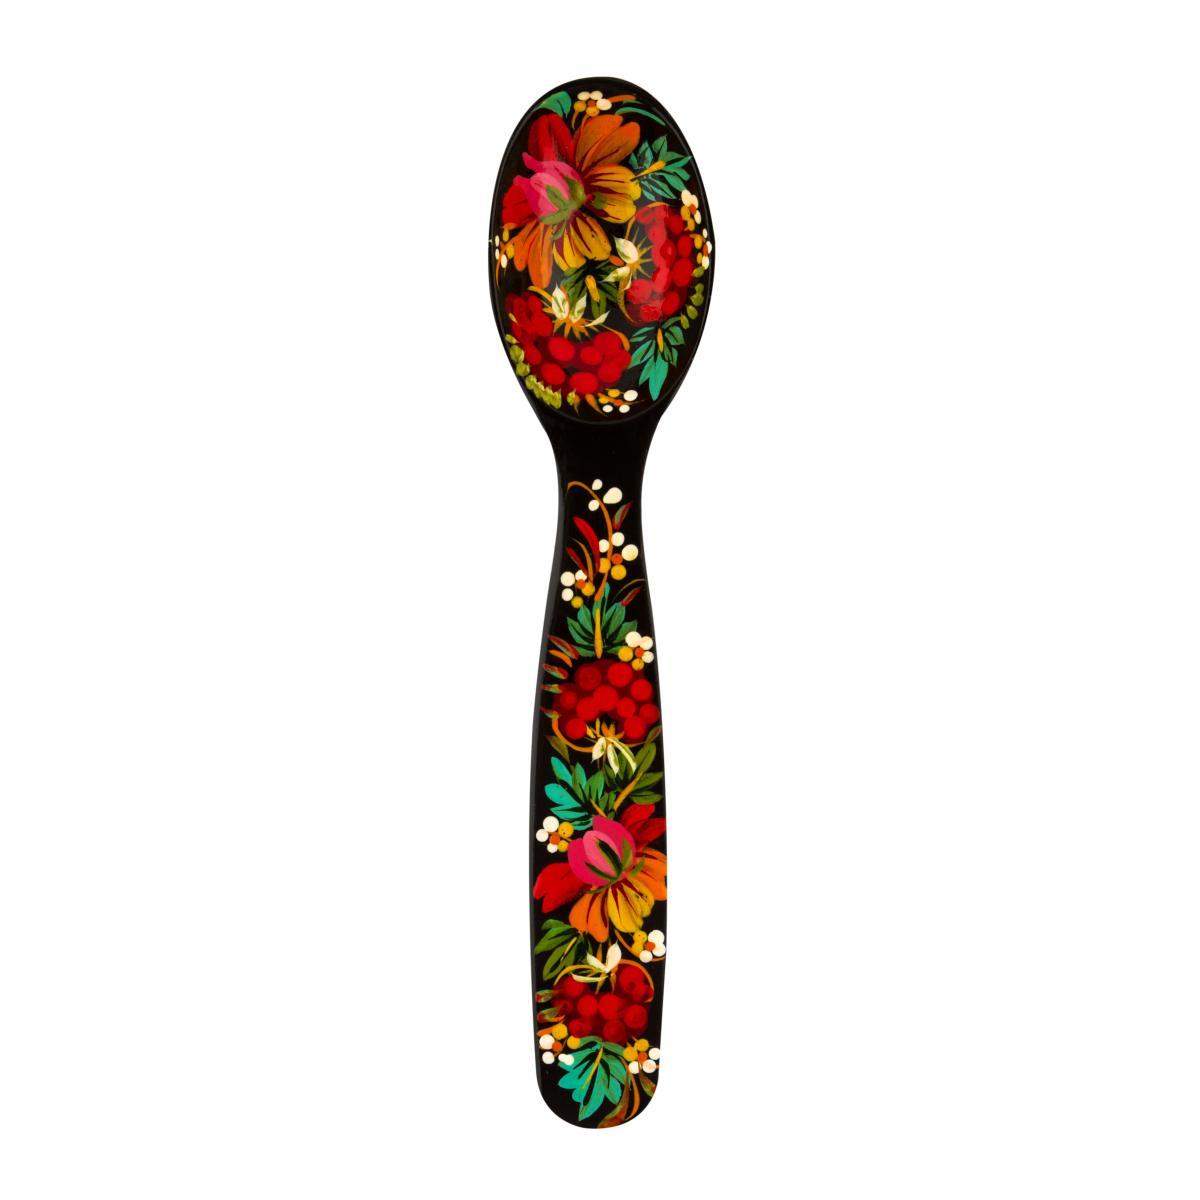 Ложка деревянная расписная с красочными цветами, 26 см